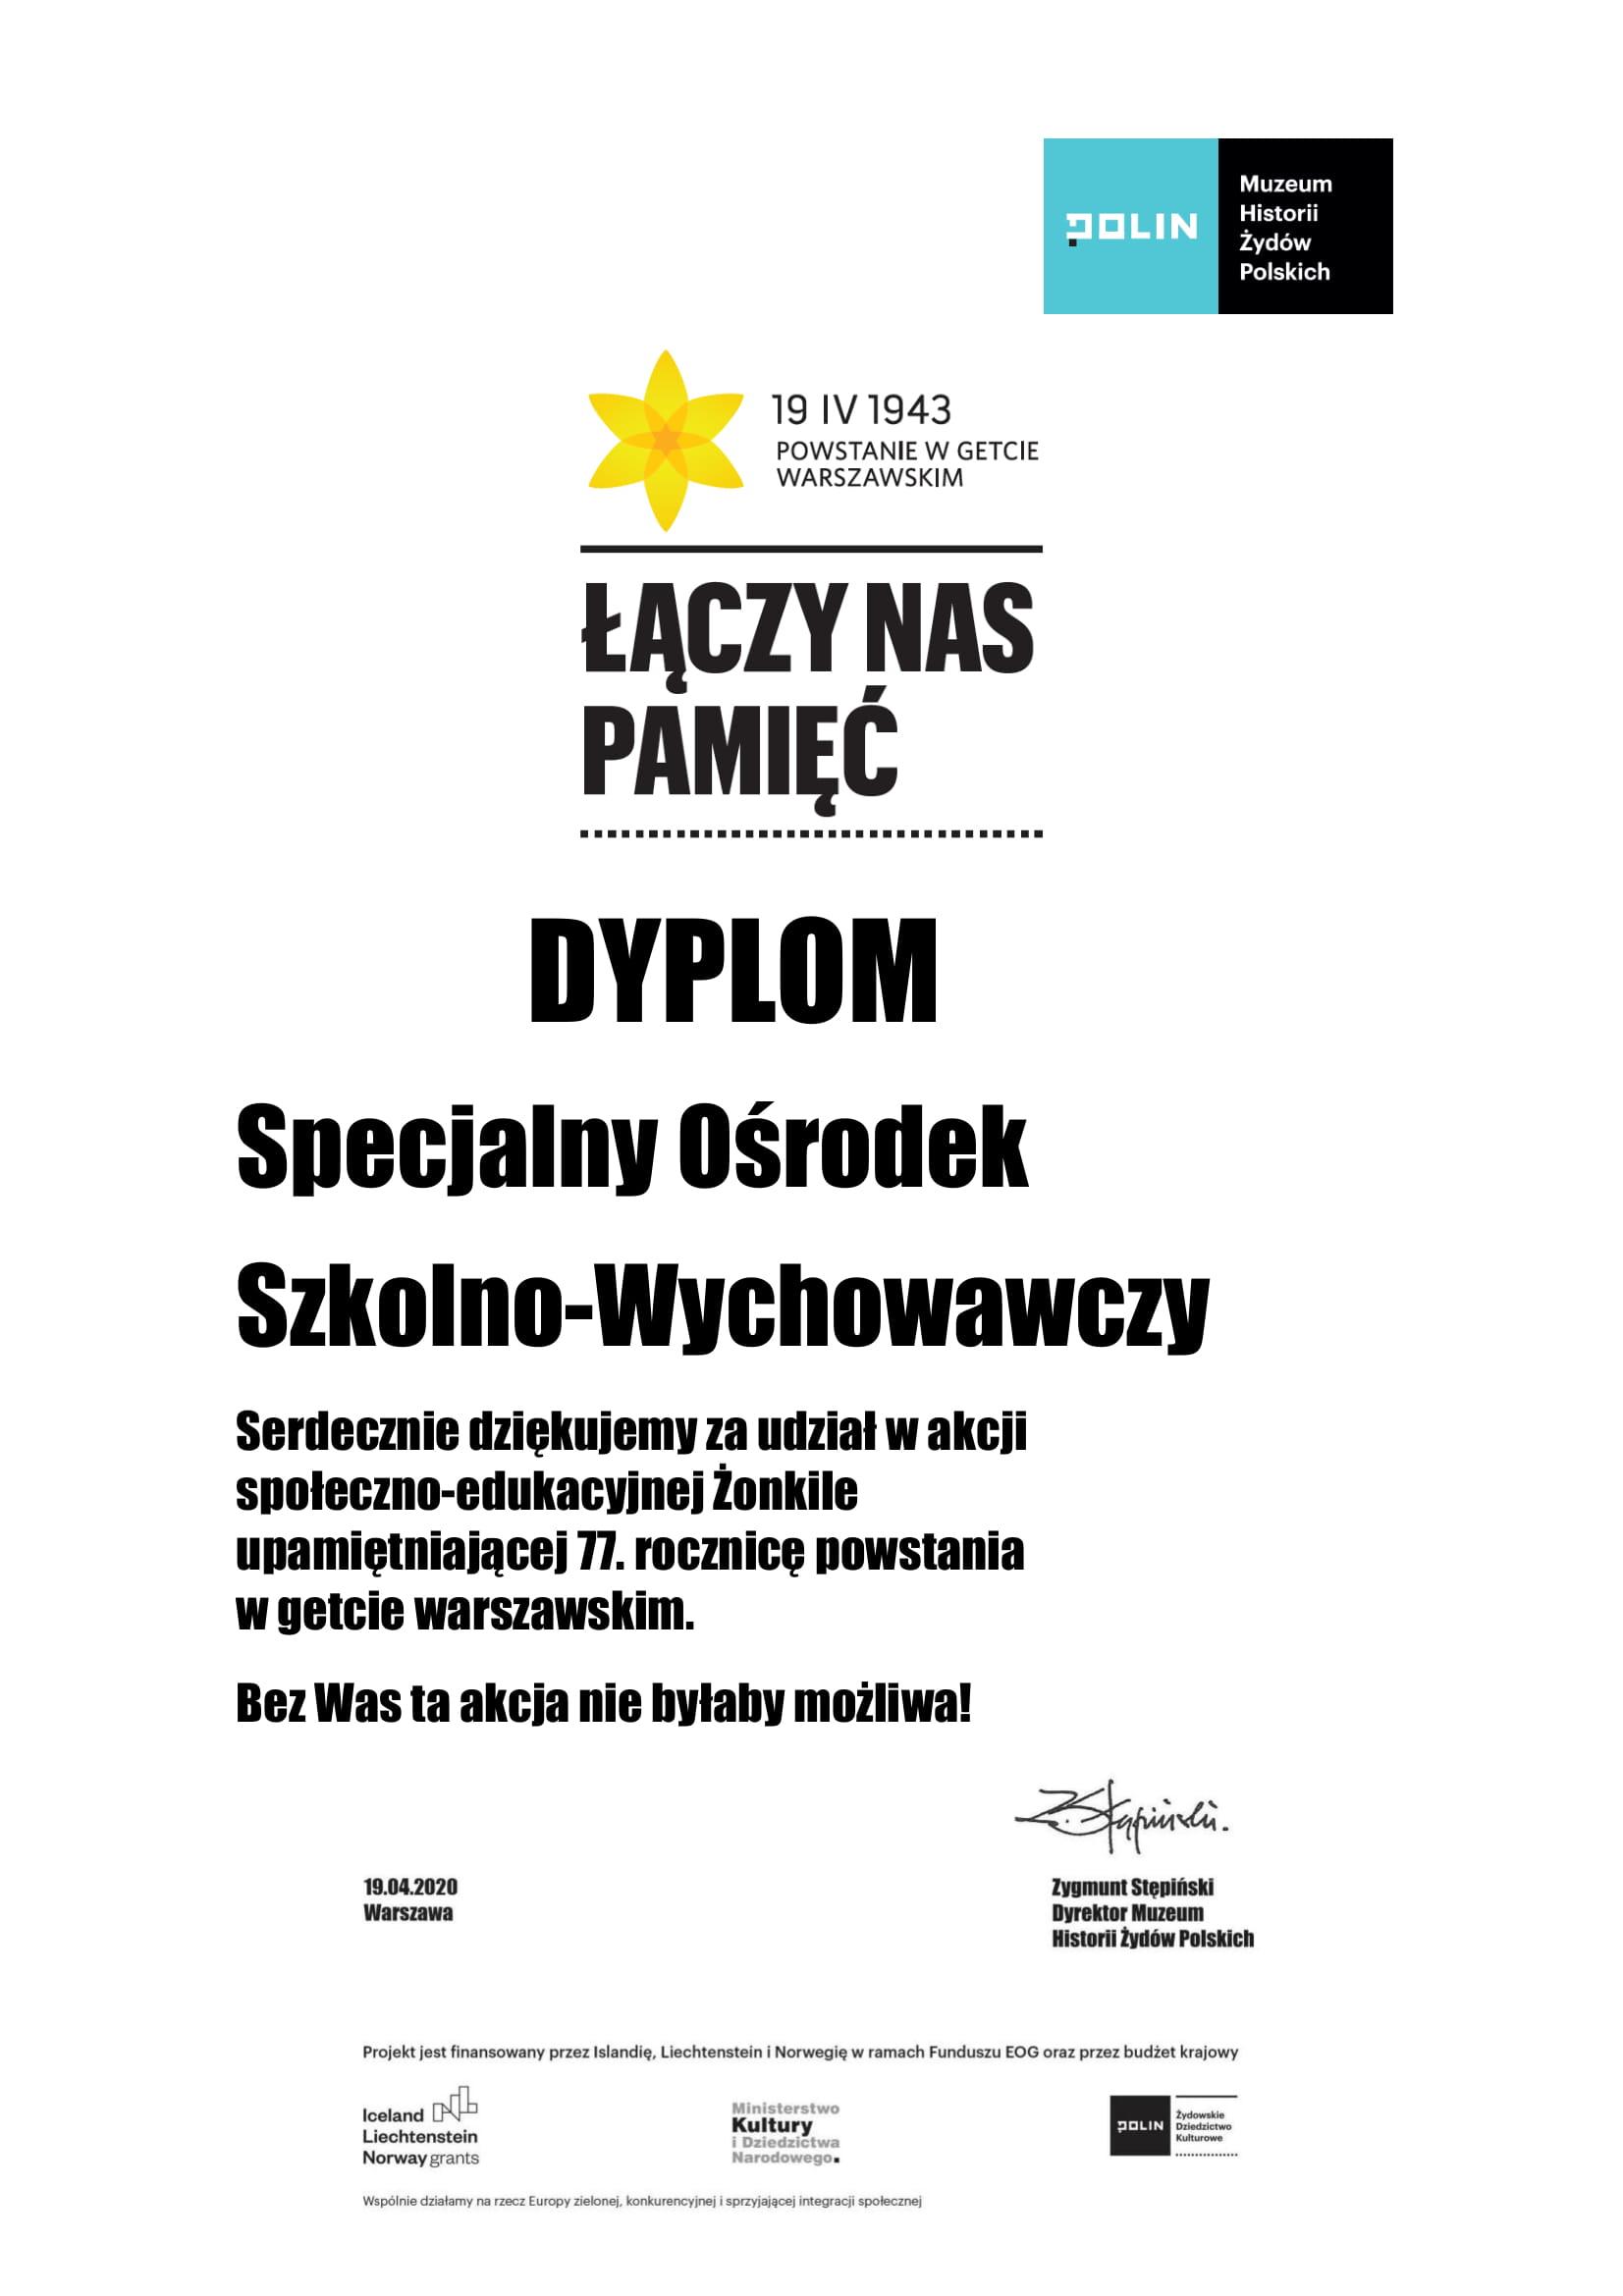 Dyplom Specjalny Ośrodek Szkolno-Wychowawczy (1)-1